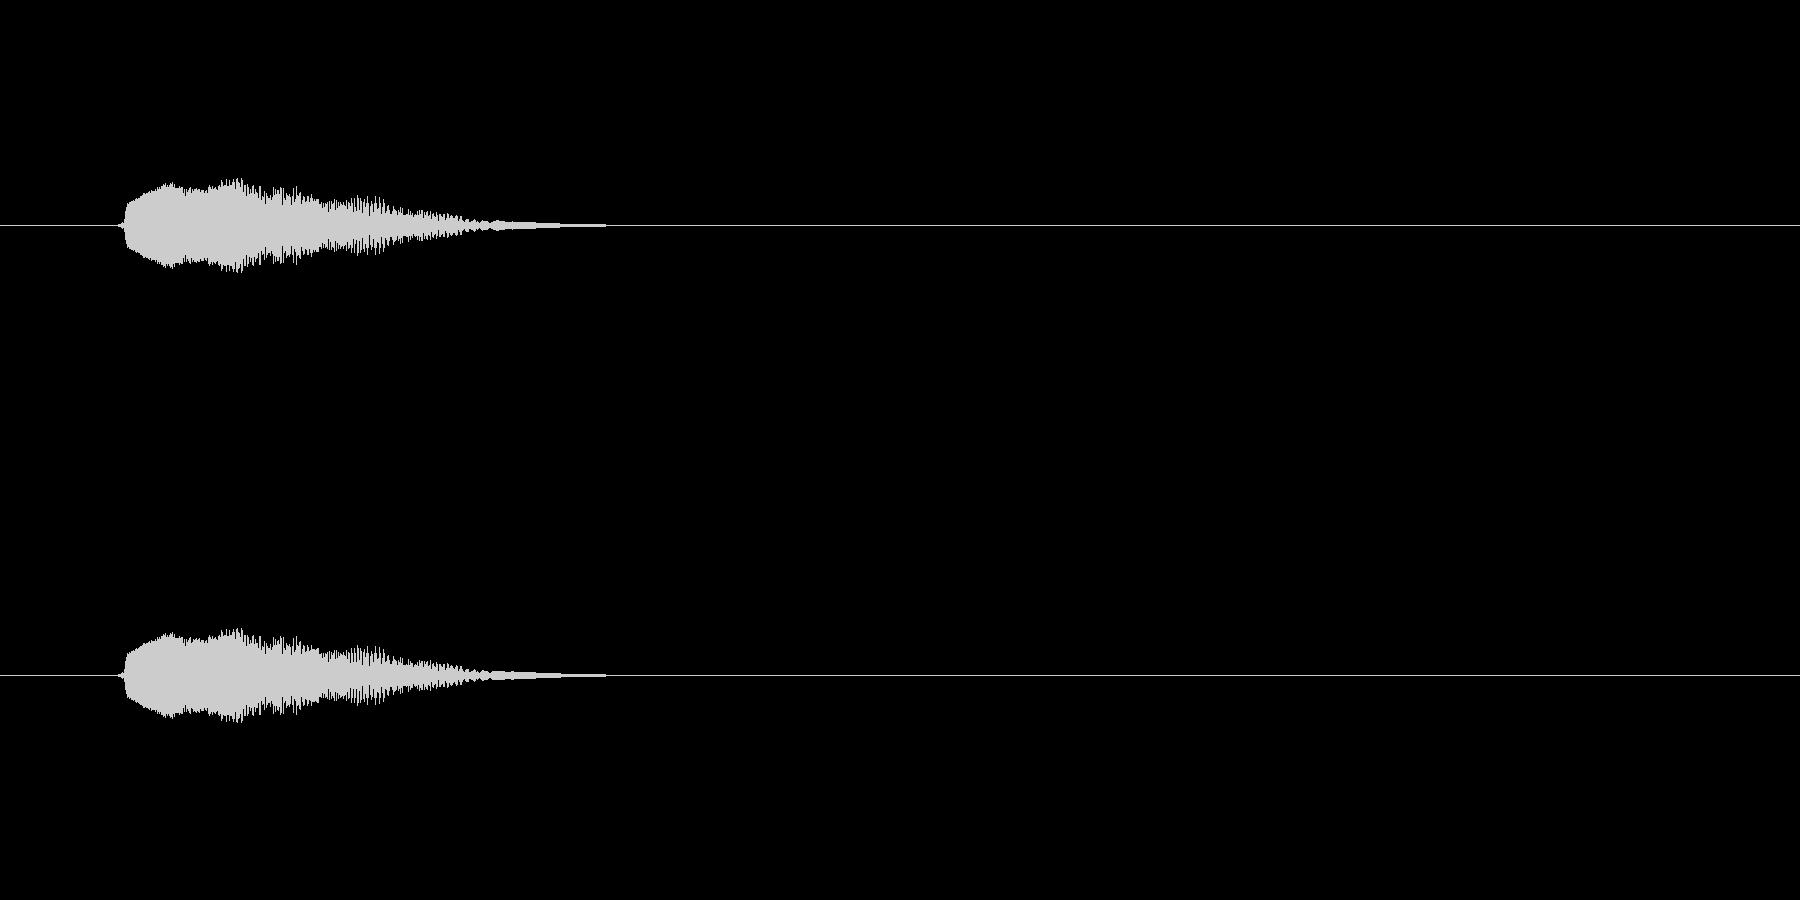 【ポップモーション18-1】の未再生の波形